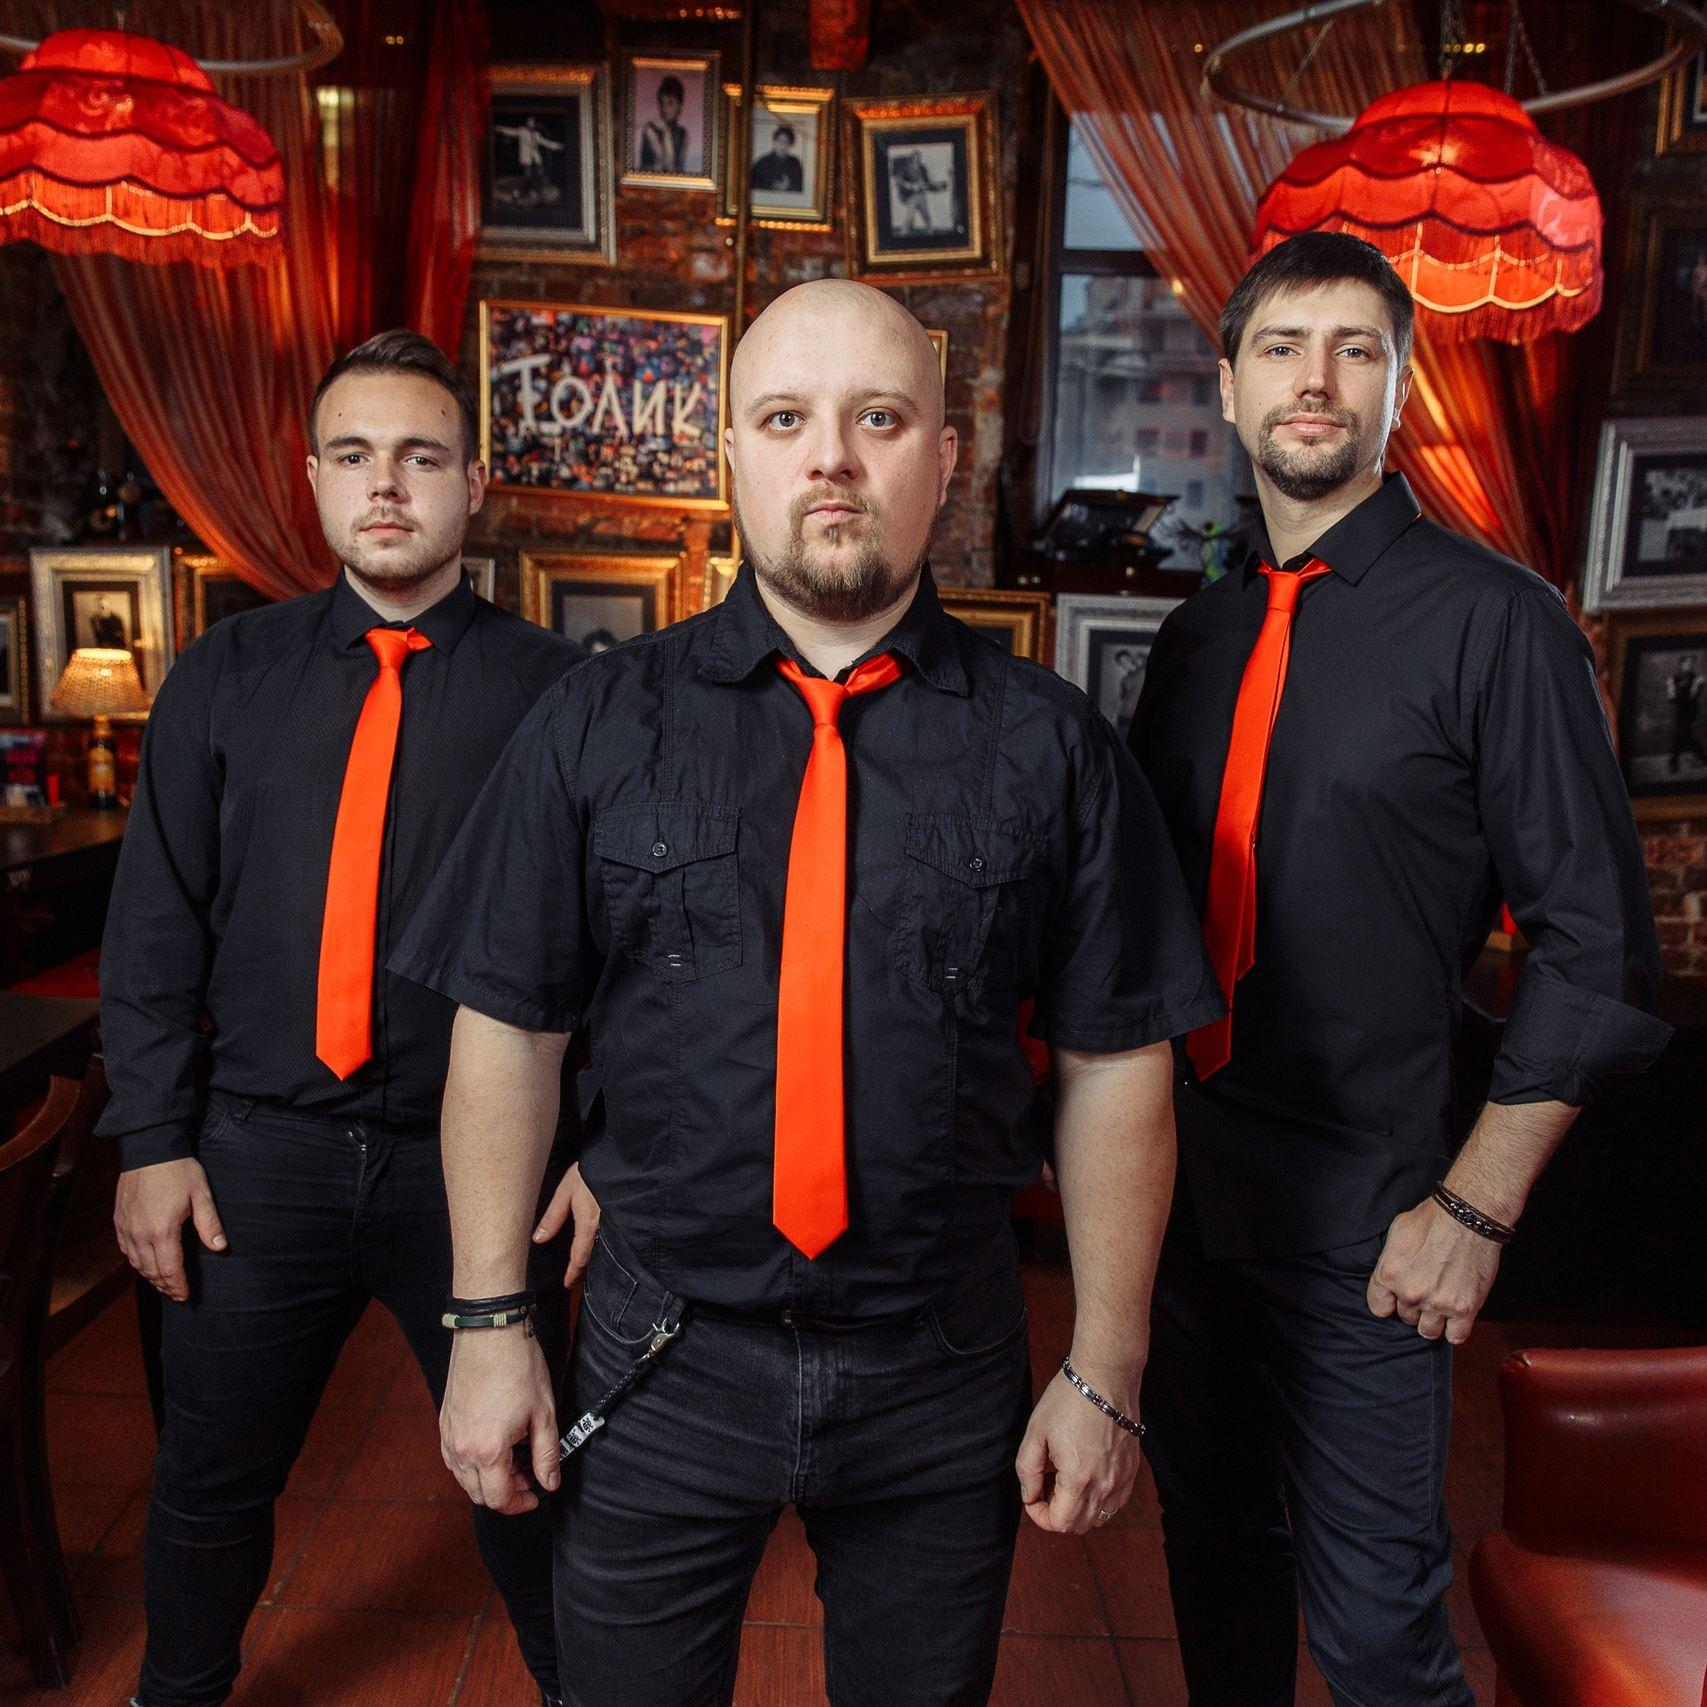 Концерт «Хиты русского рока» кавер-бэнда «Космодром» со скидкой 45%